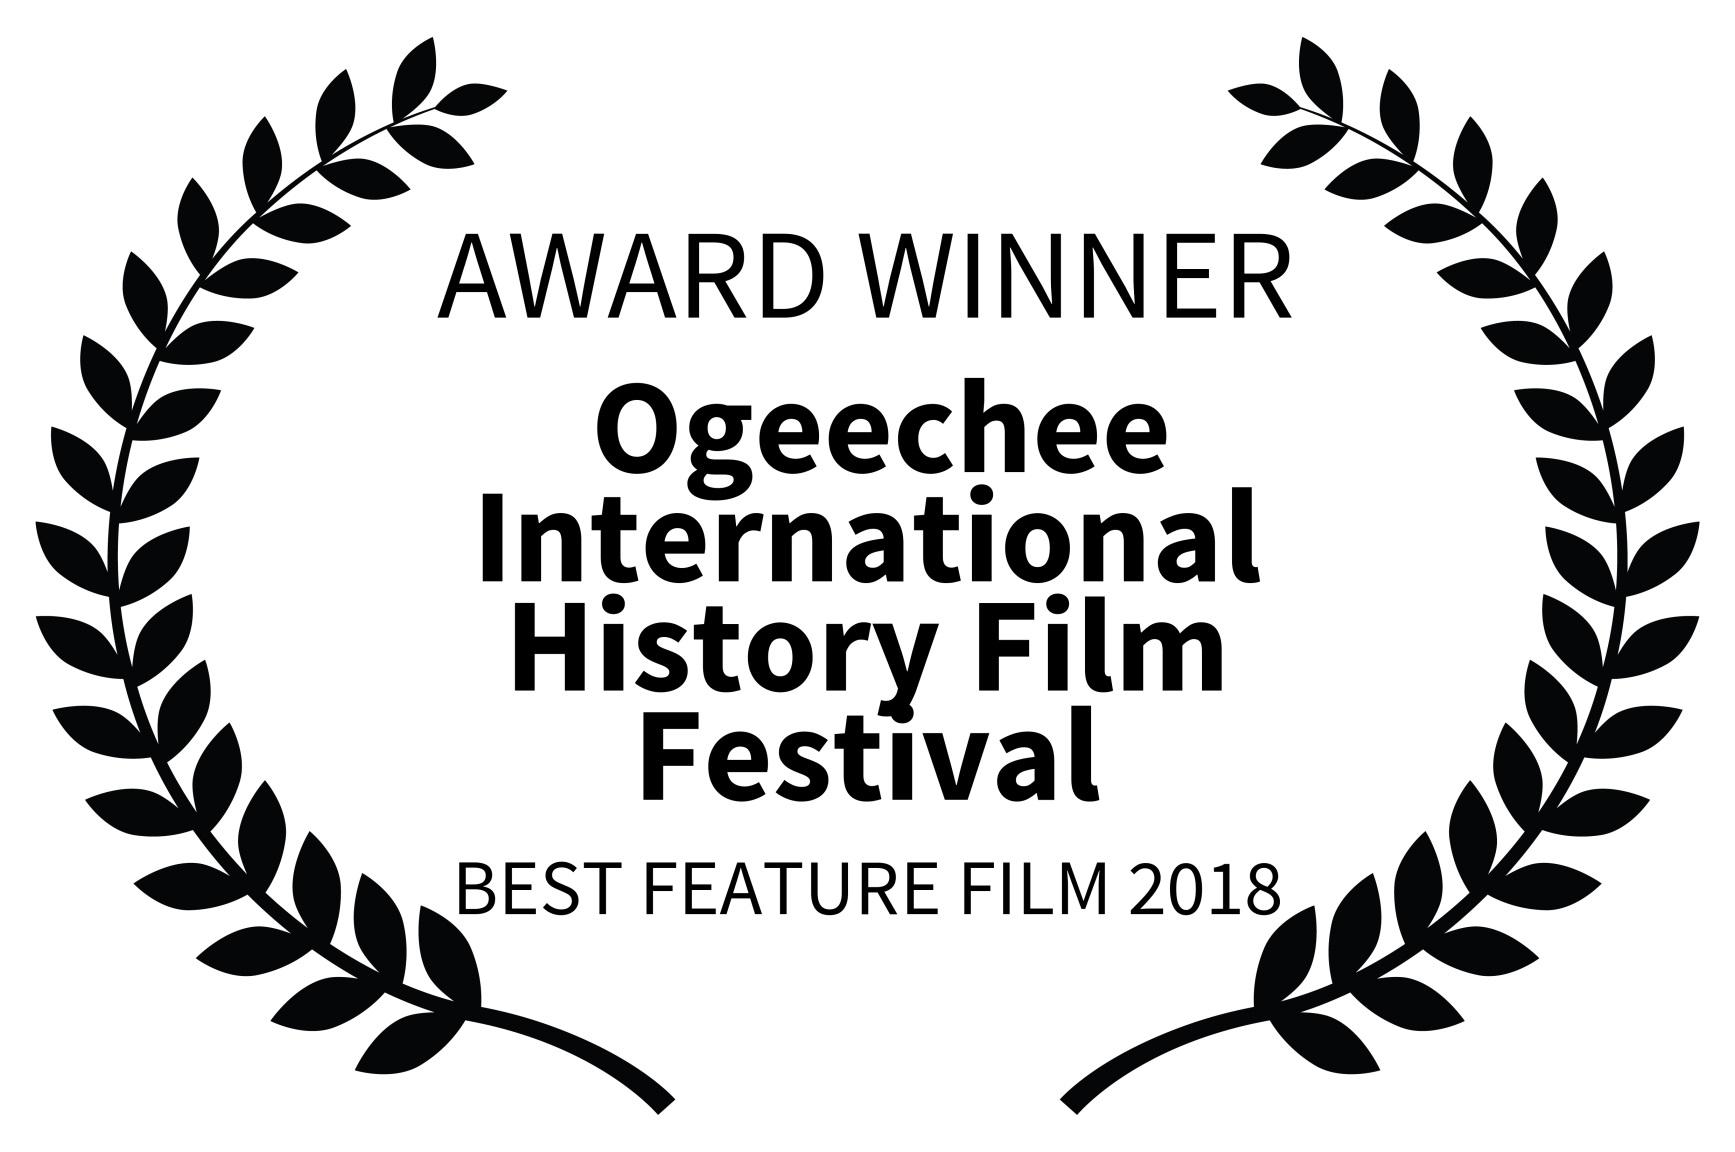 AWARD WINNER -  Ogeechee International H